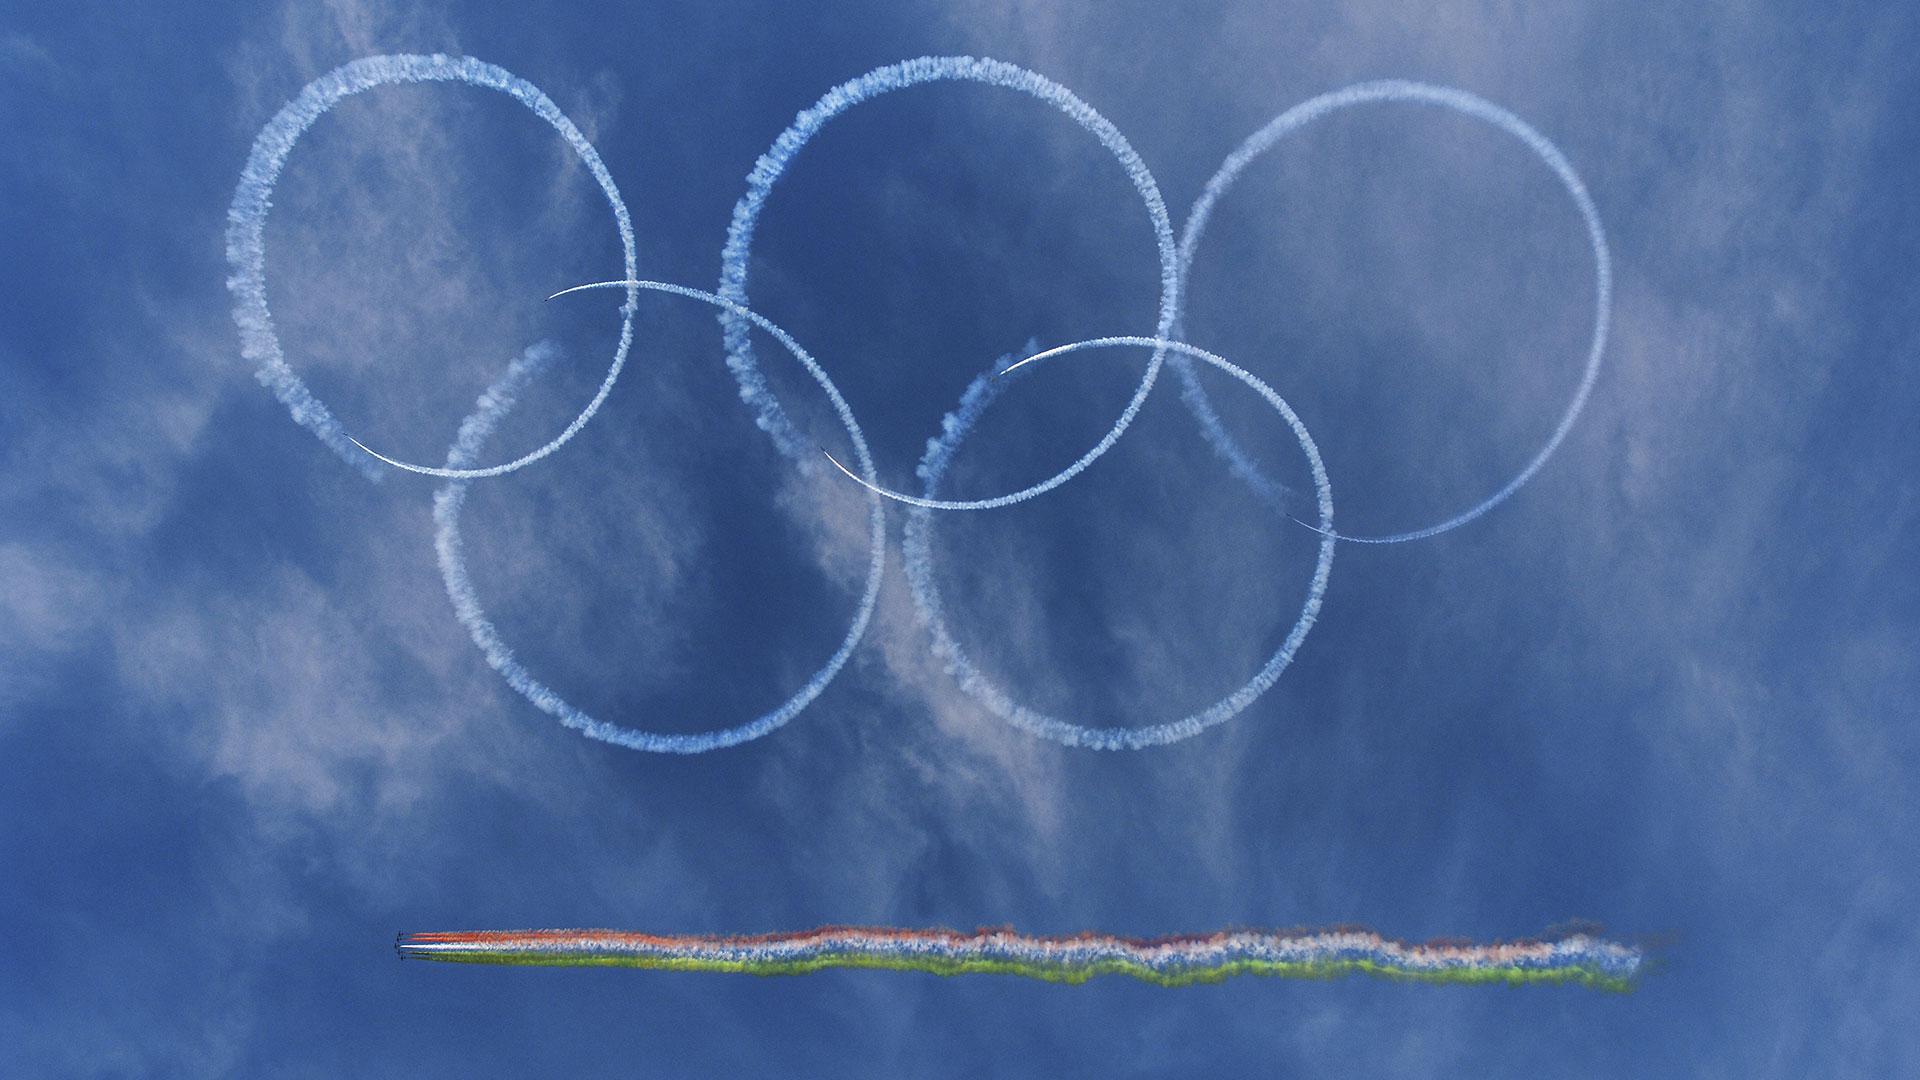 frecce-tricolori-60-anni-pan-pattuglia-acrobatica-nazionale-aeronautica-militare-(16)